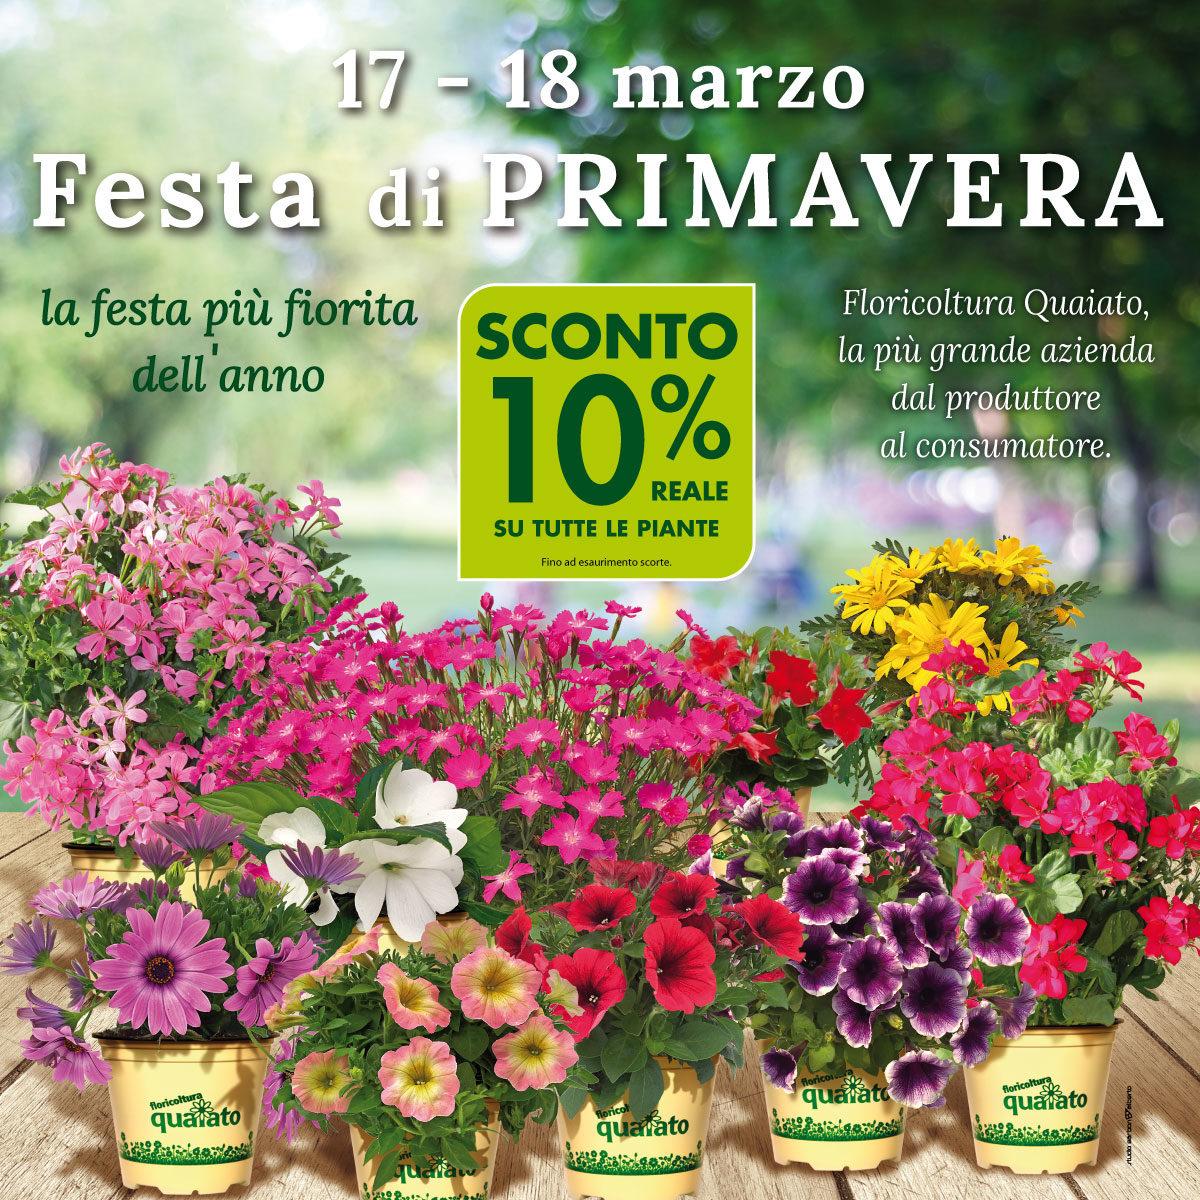 Festa_Primavera_17_18_Marzo_1200x1200